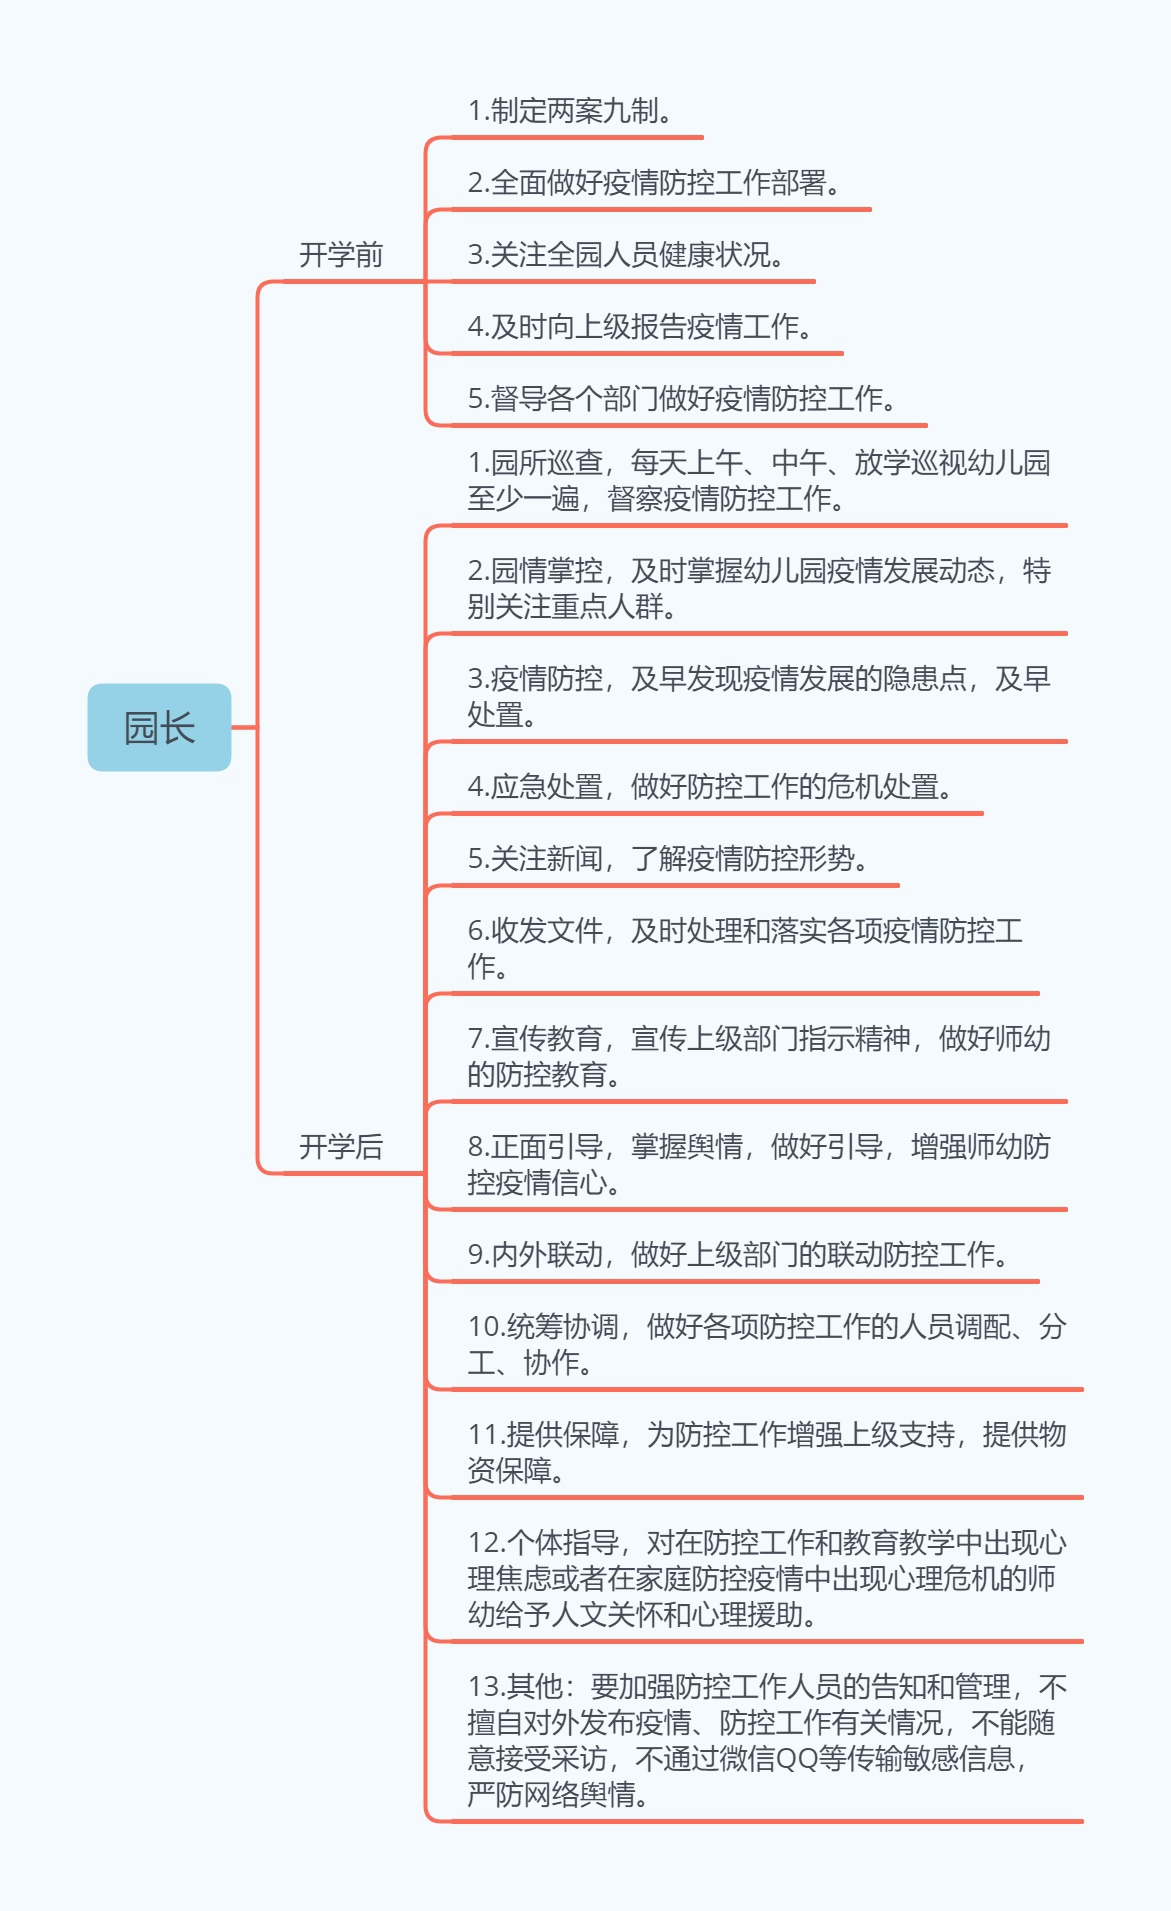 新冠肺炎疫情之下的幼儿园防控工作研究 新湖南www.hunanabc.com